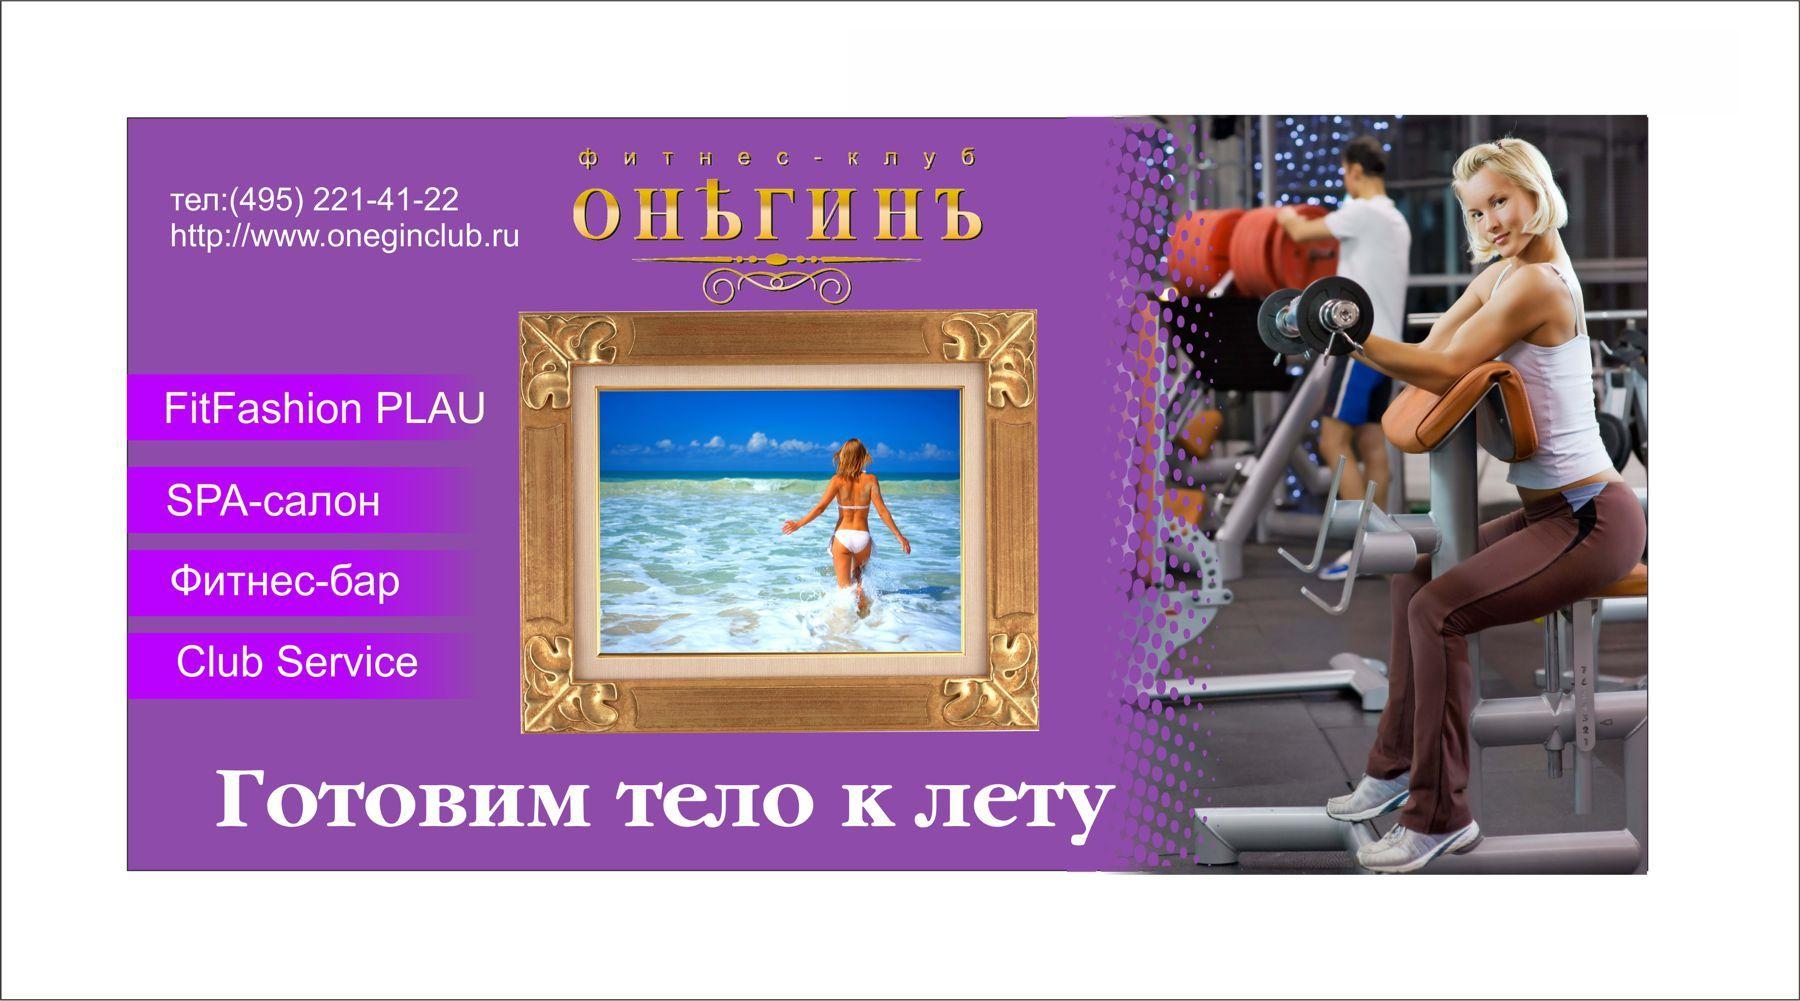 Дизайн наружной рекламы фитнес-клуба - дизайнер mamaanwar